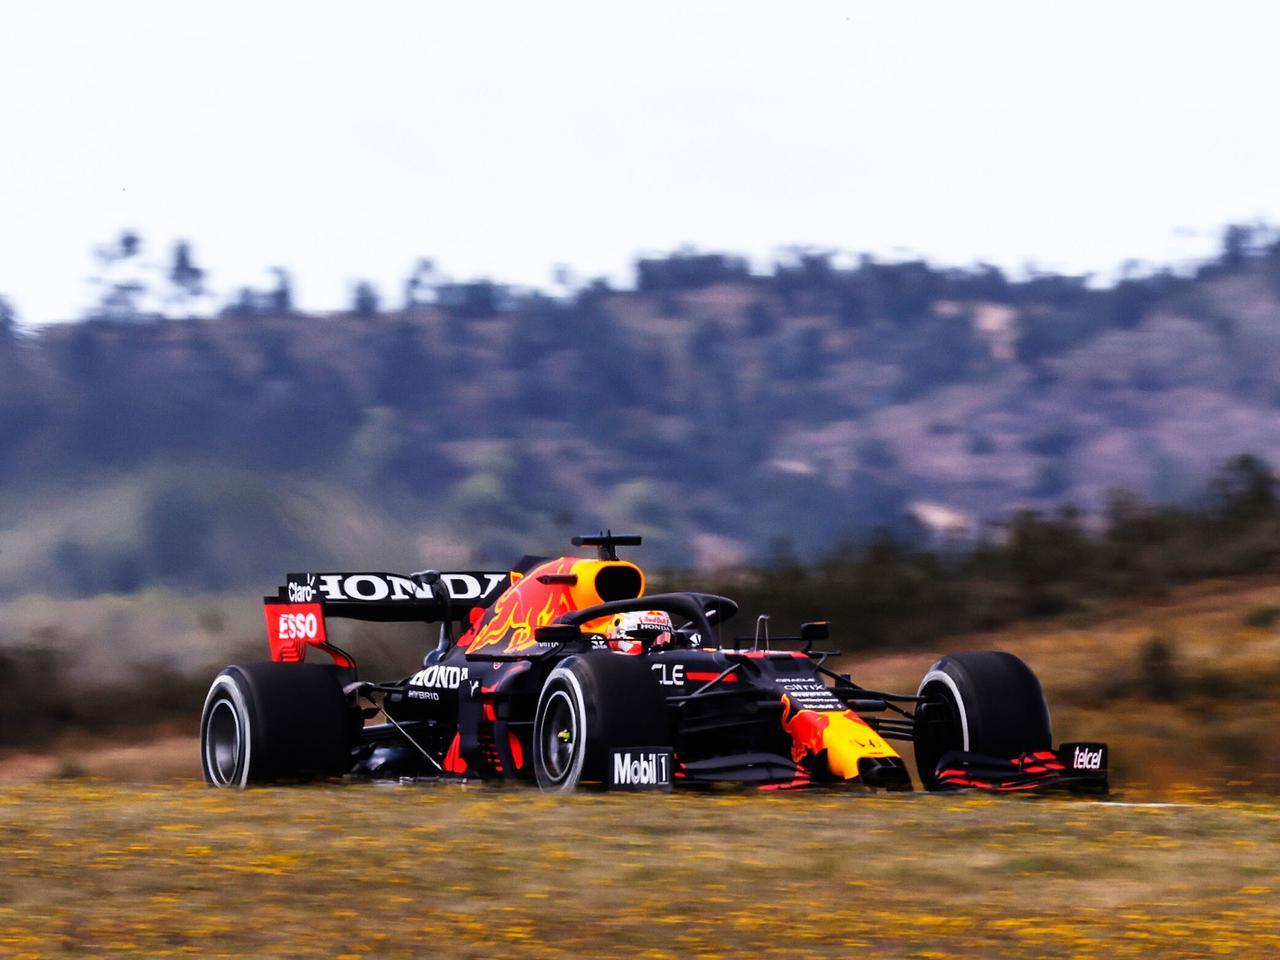 2021年F1第3戦 ポルトガルGP開幕、フェルスタッペンが僅差の2番手につける【モータースポーツ】